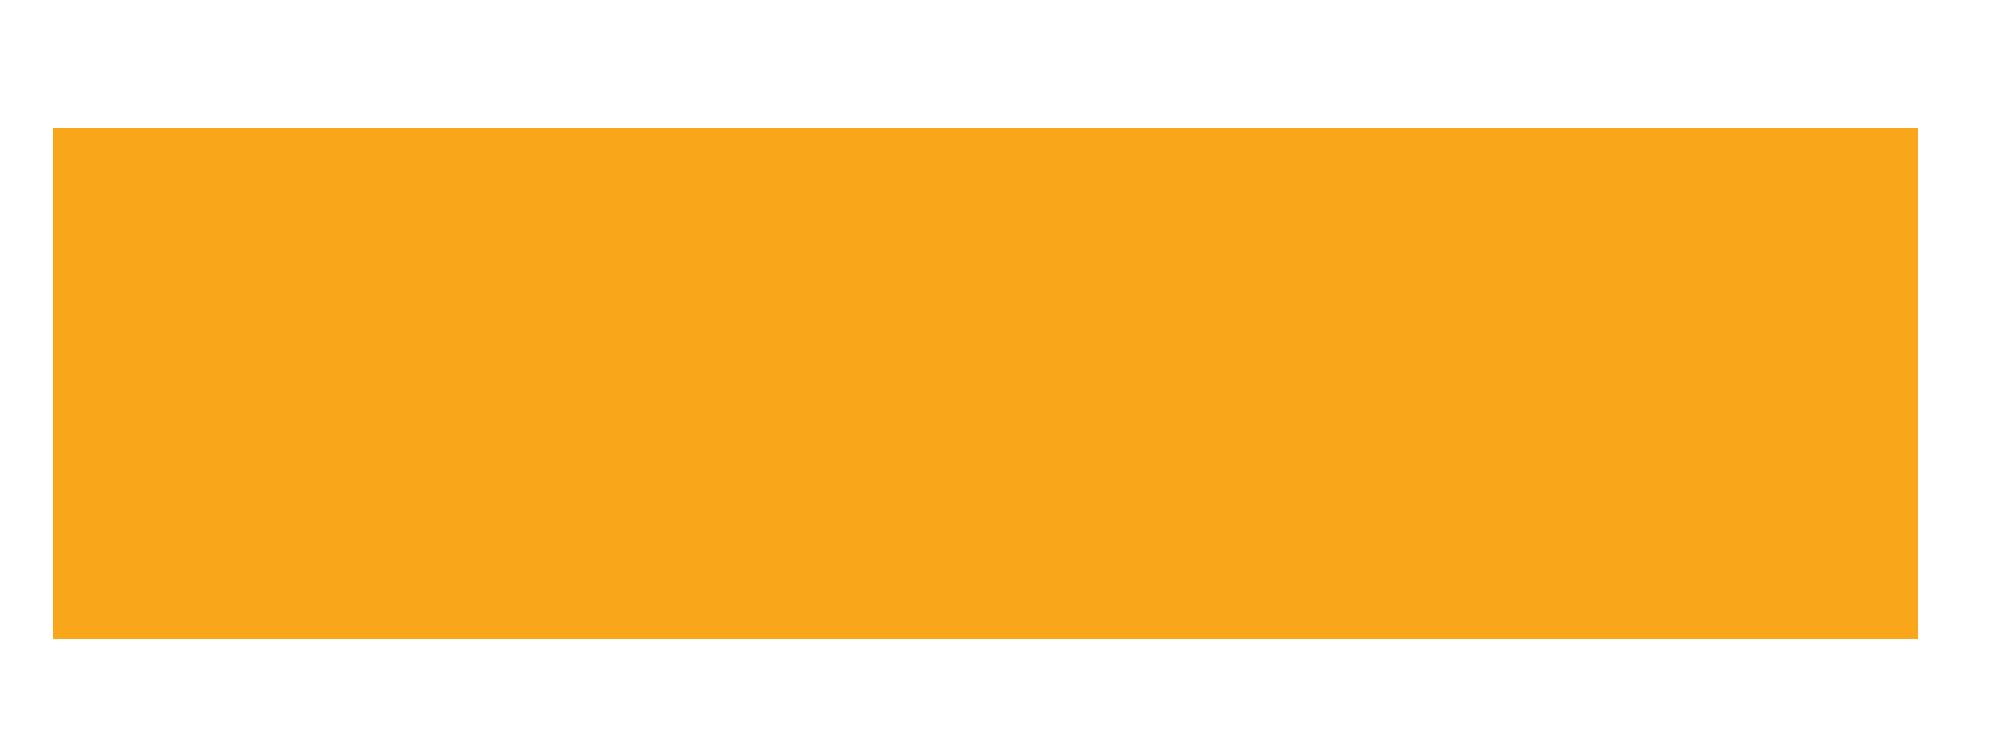 http://quantumroyal.org/99damage_logo.jpg